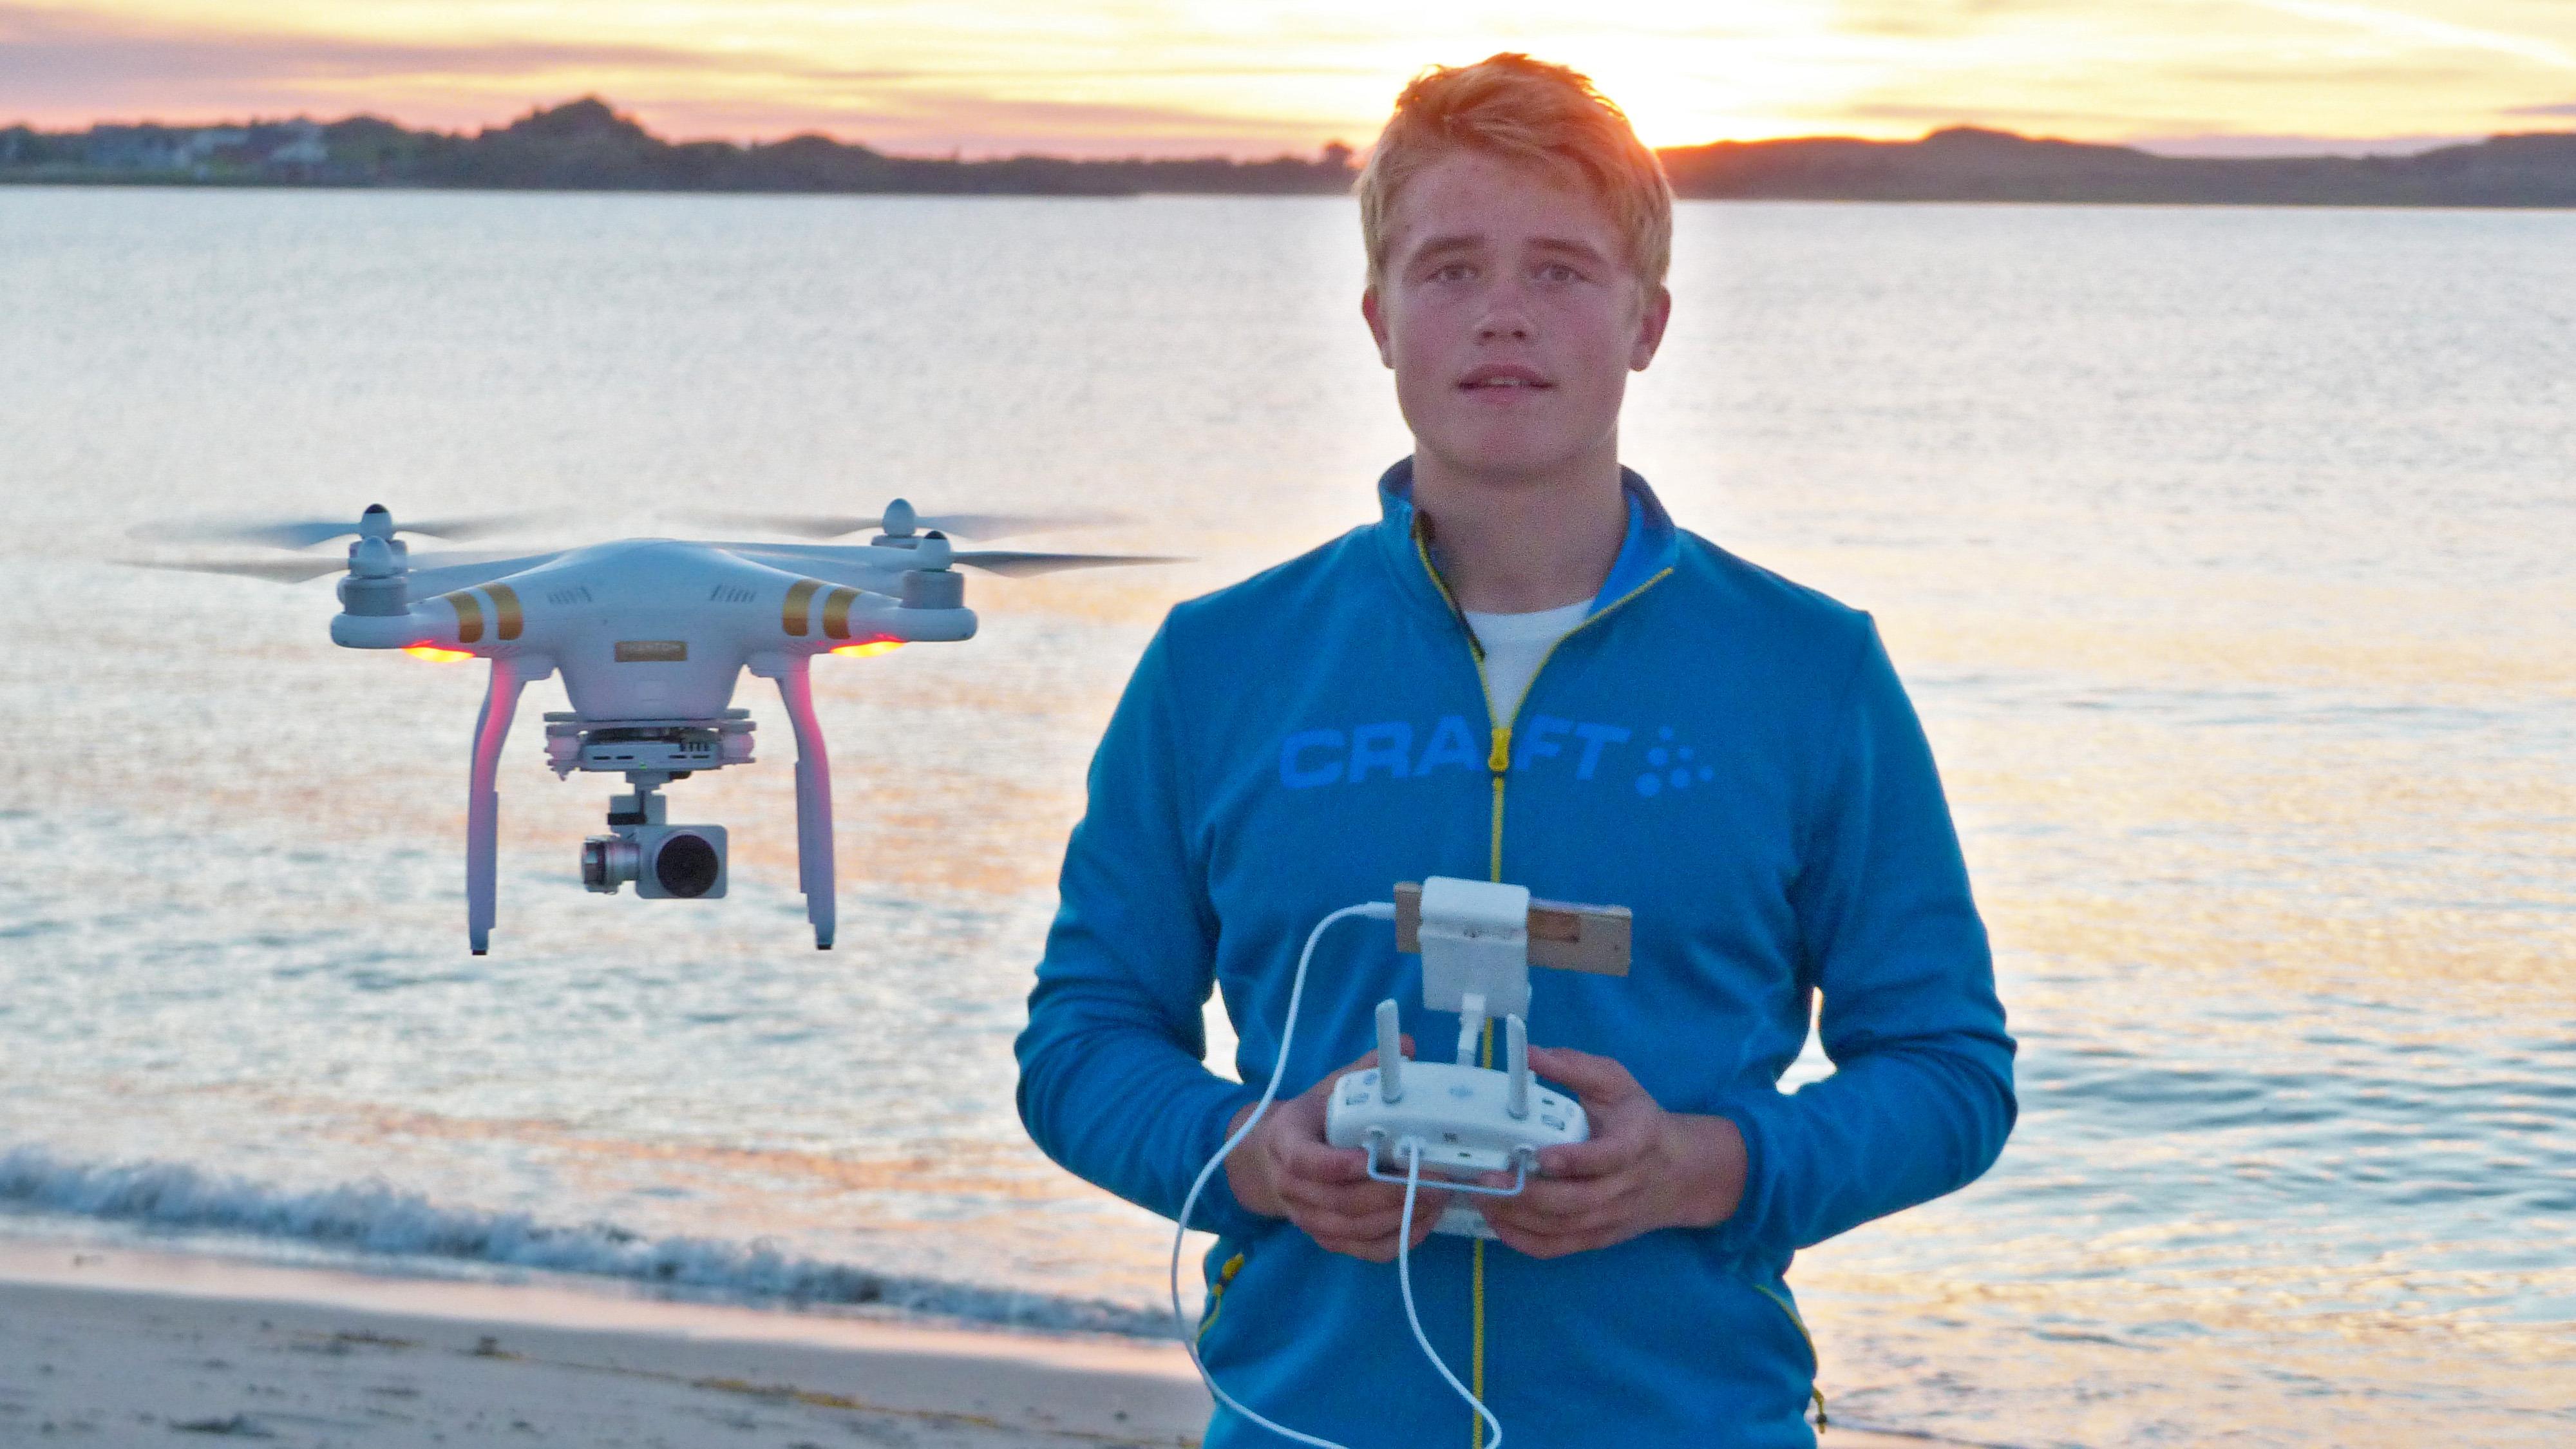 Mathias gjør kometkarriere med dronefilm